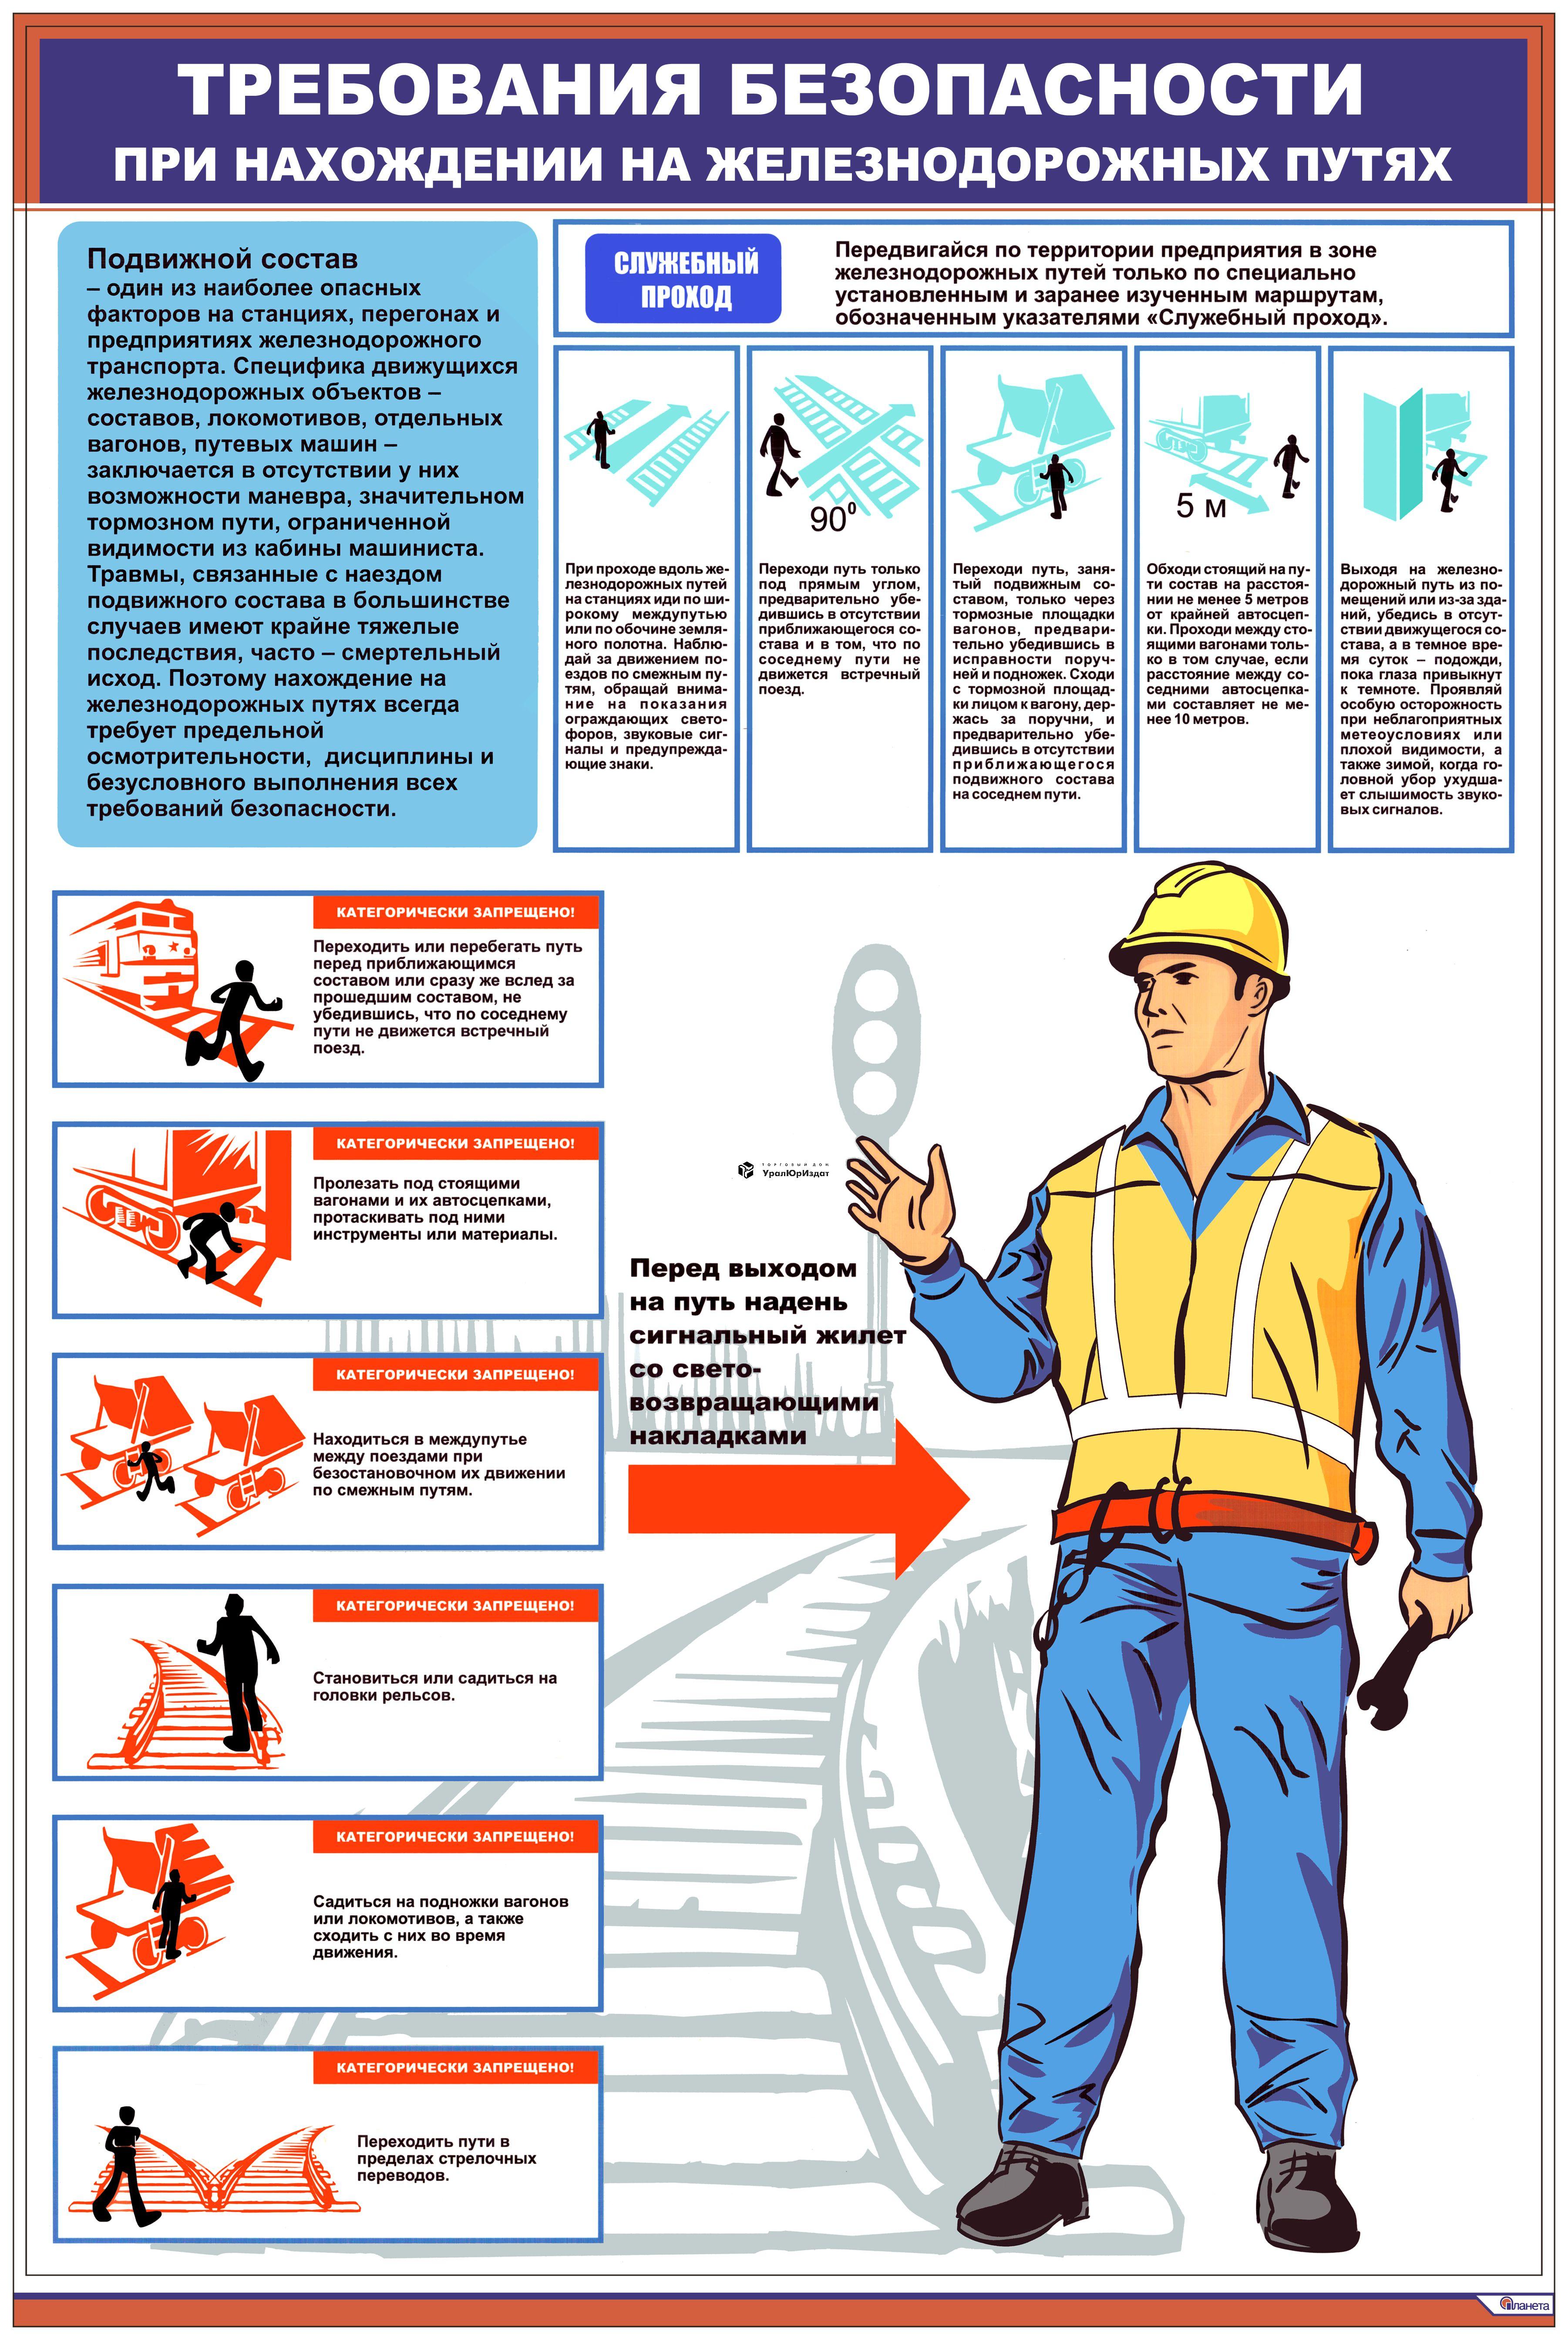 Охрана труда: что важно знать работодателю?